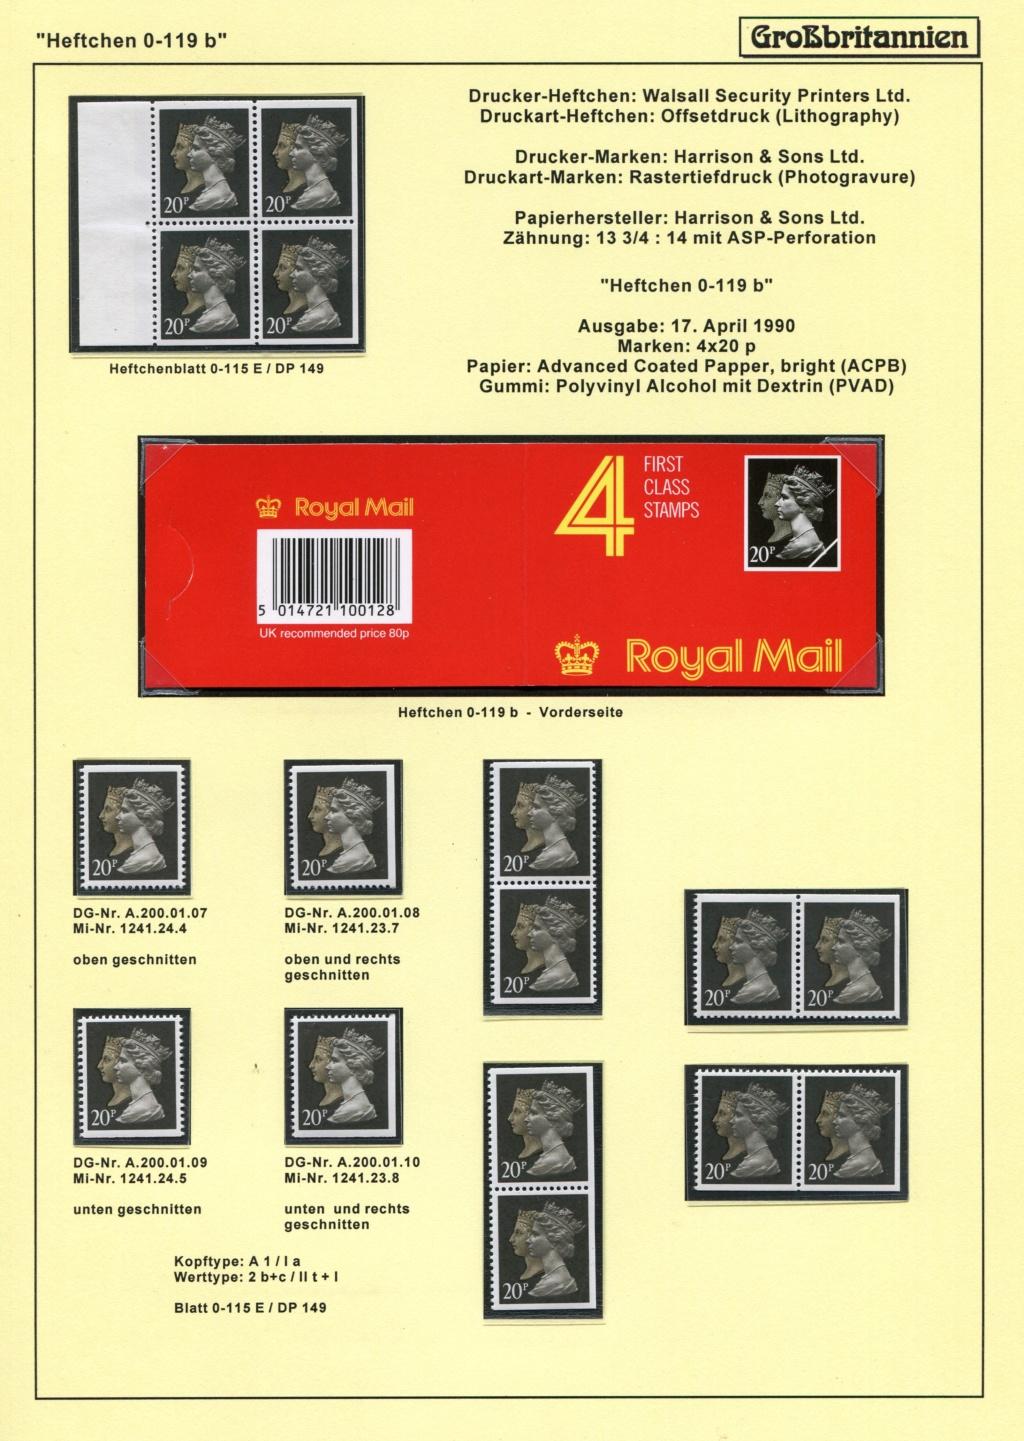 Großbritannien - 150 Jahre Briefmarken Black_47